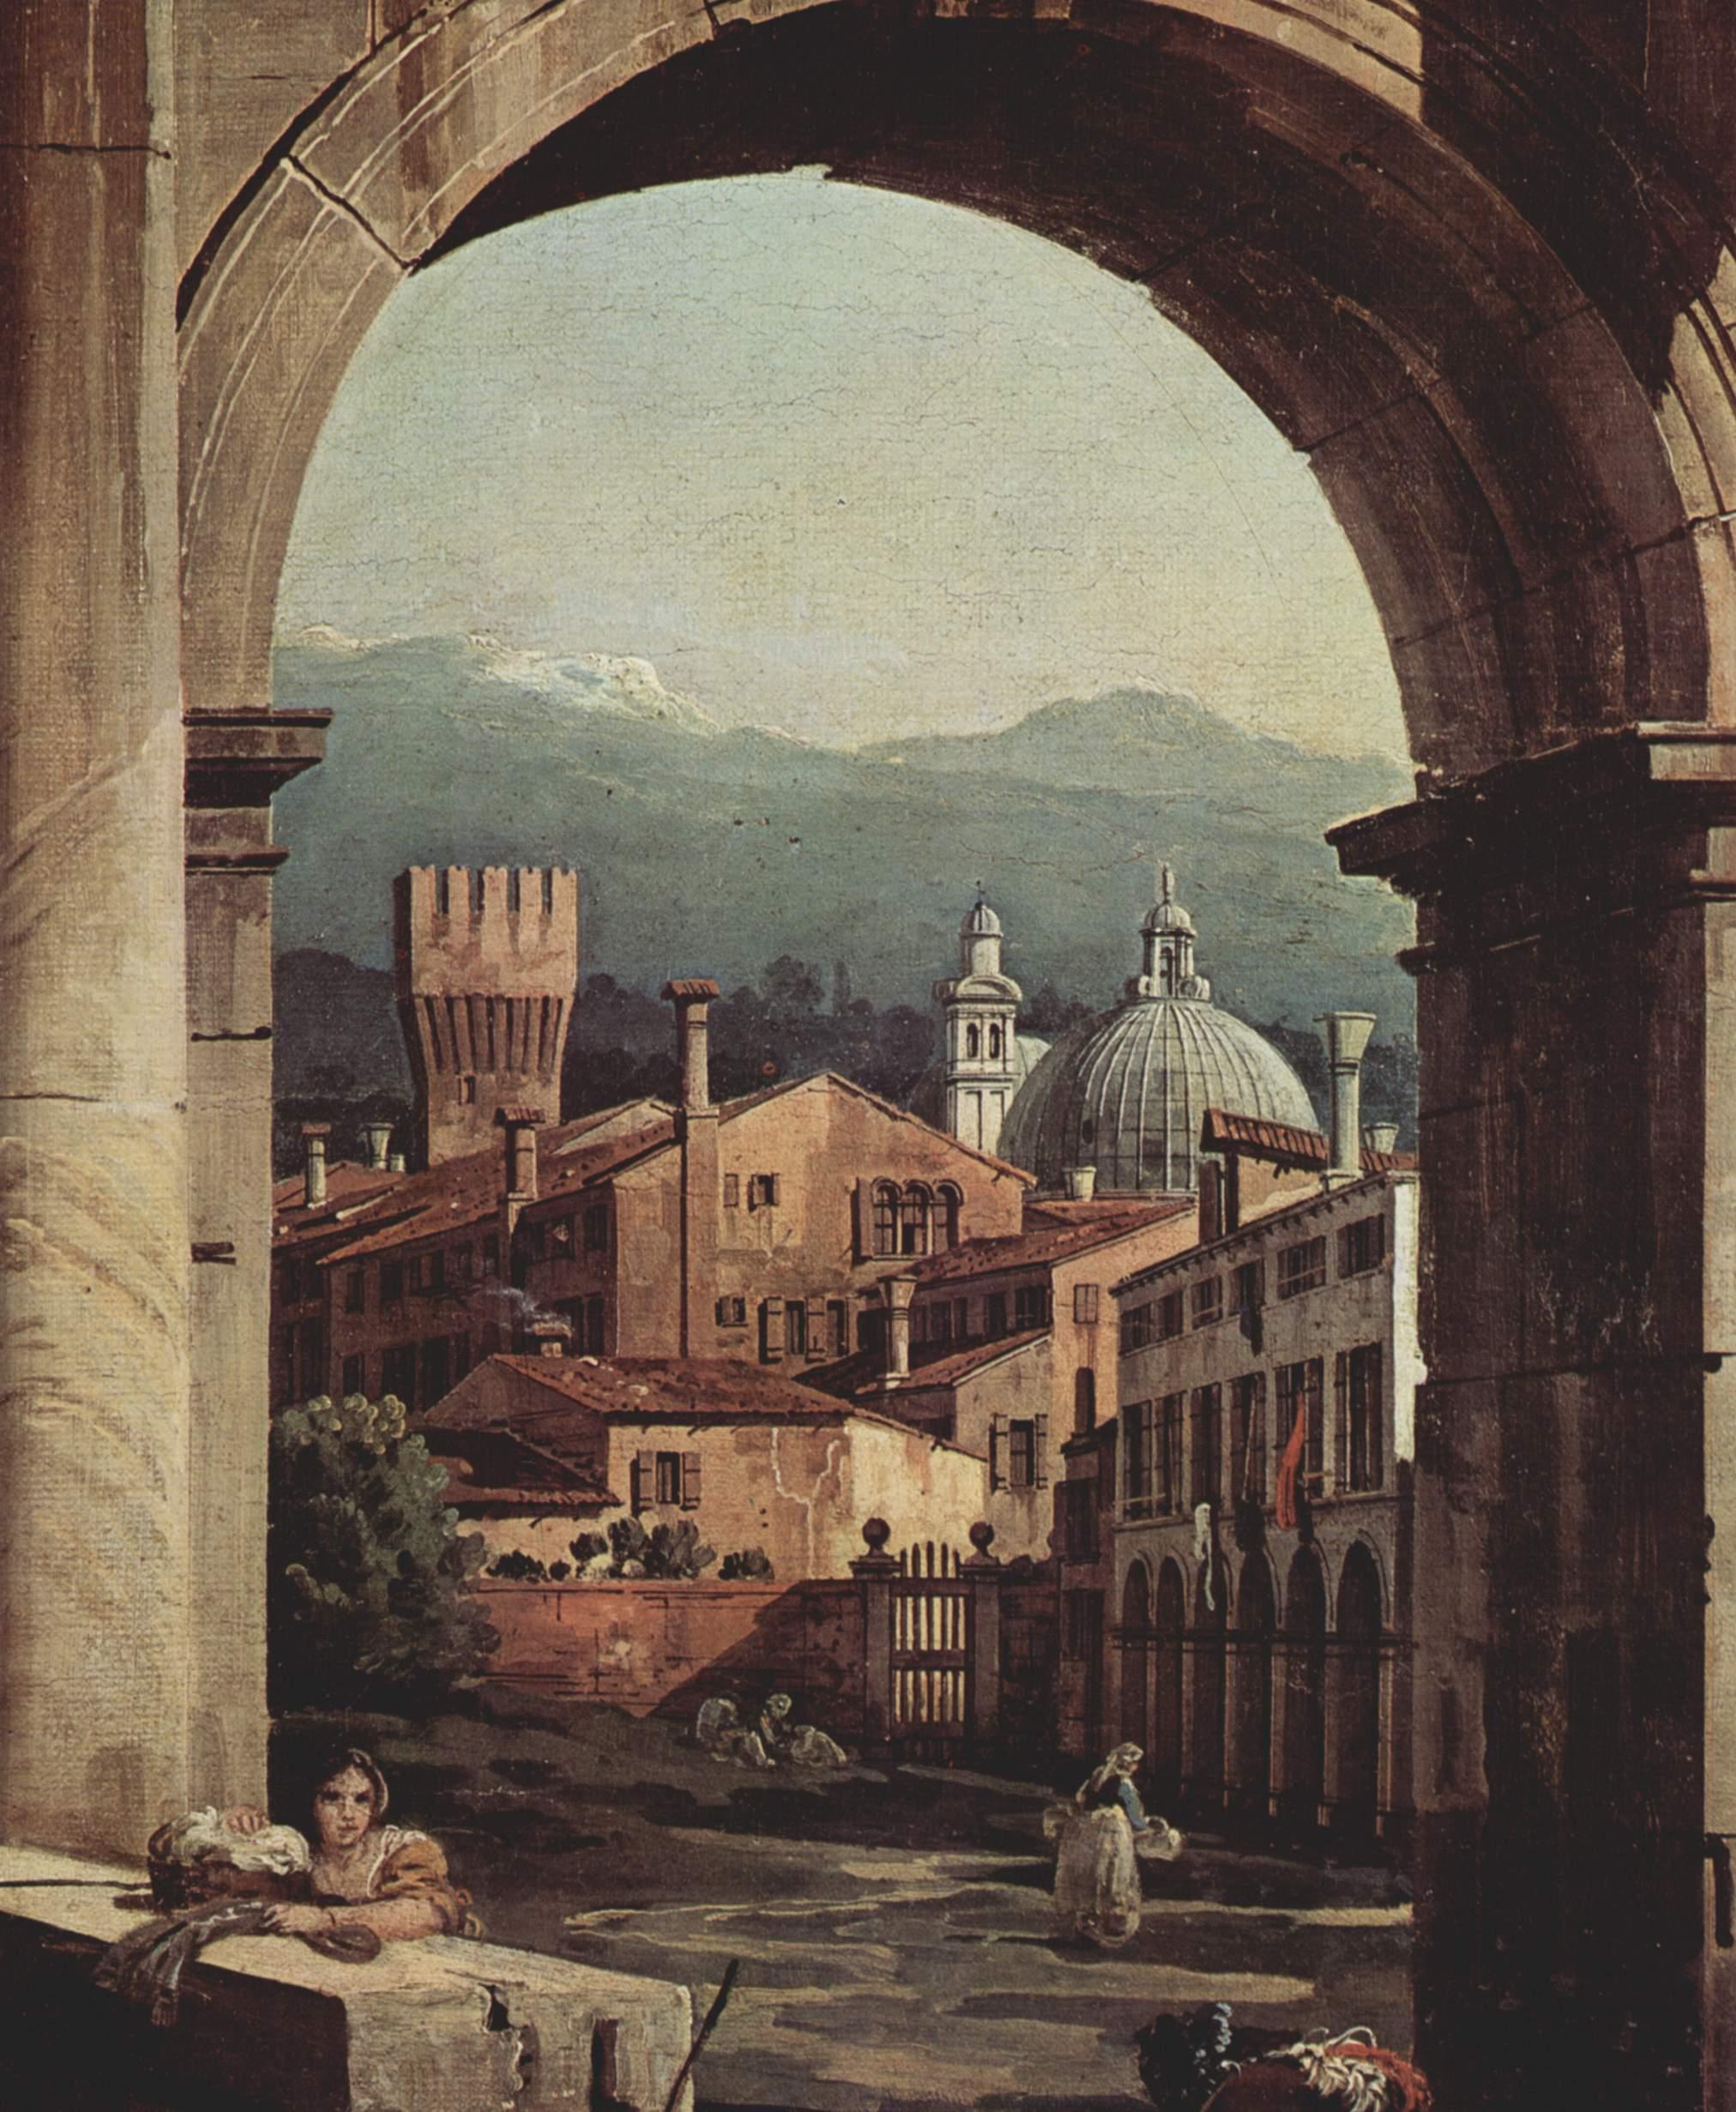 Римское каприччио, городские ворота и сторожевая башня. Деталь, Джованни Антонио Каналетто 1